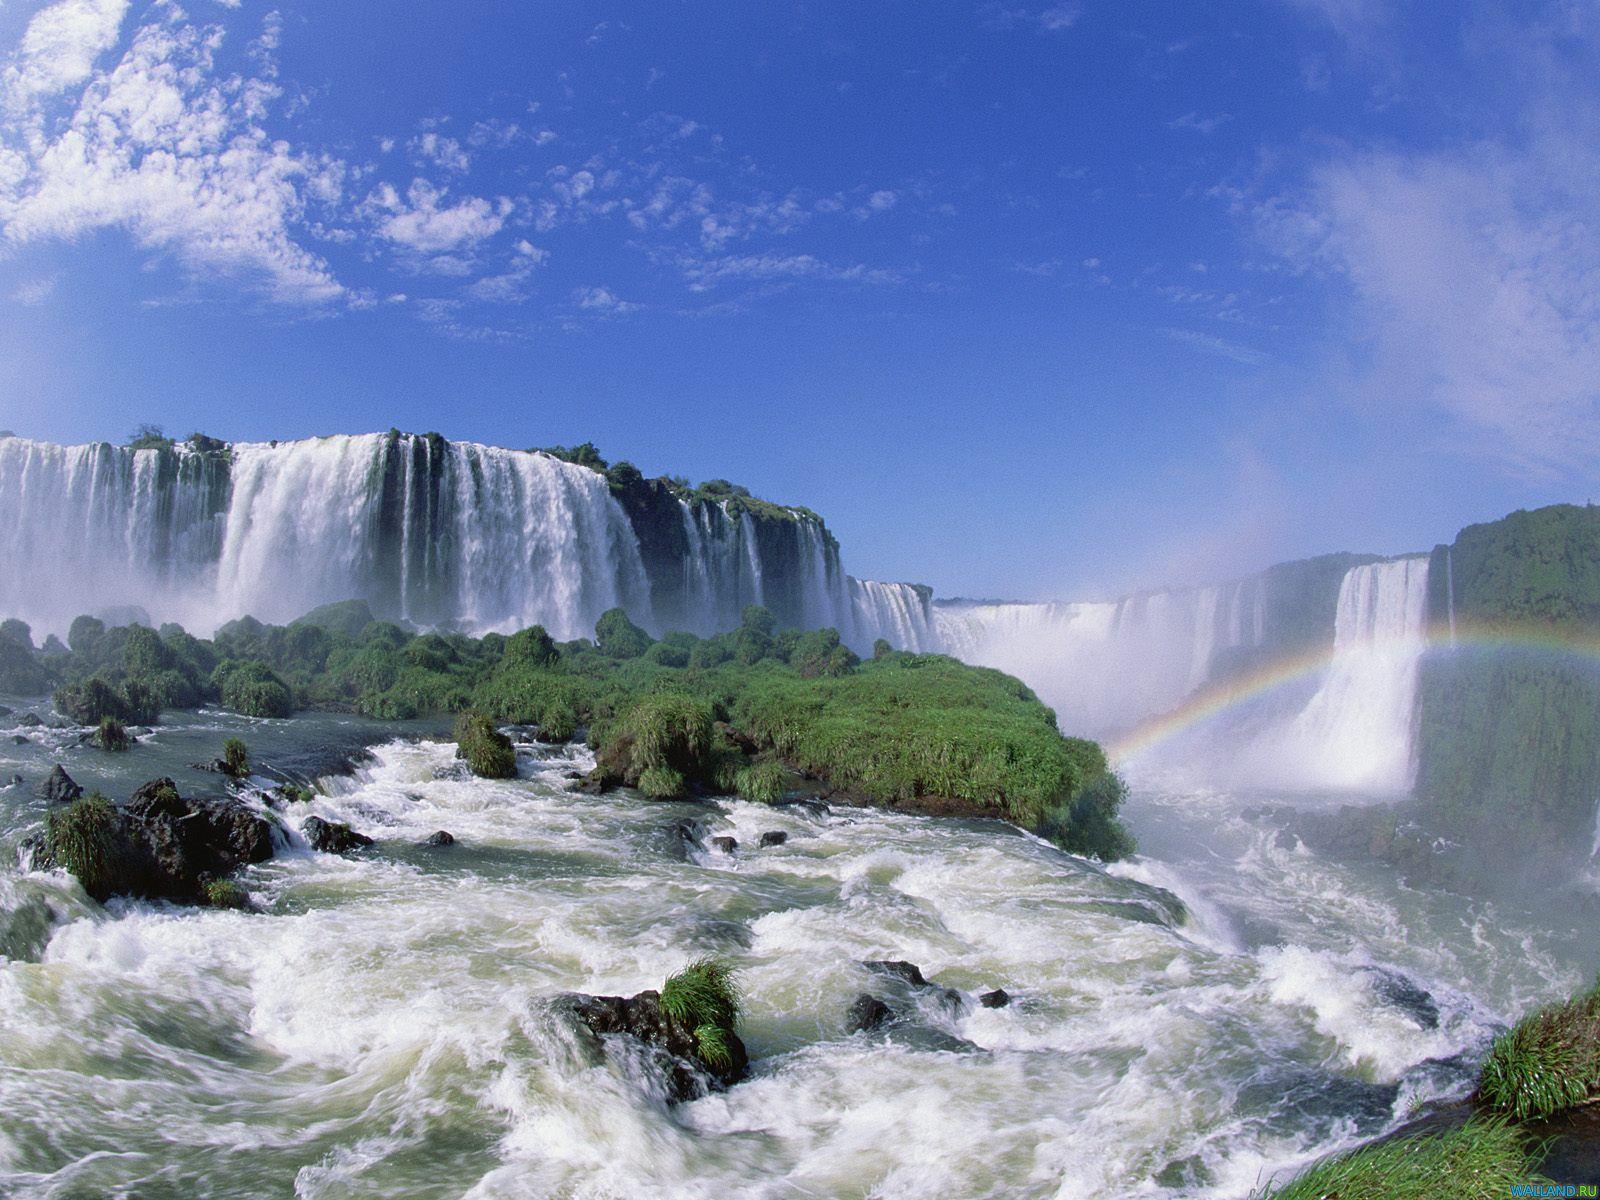 paraguay travel images wallpaper Iguazu Falls